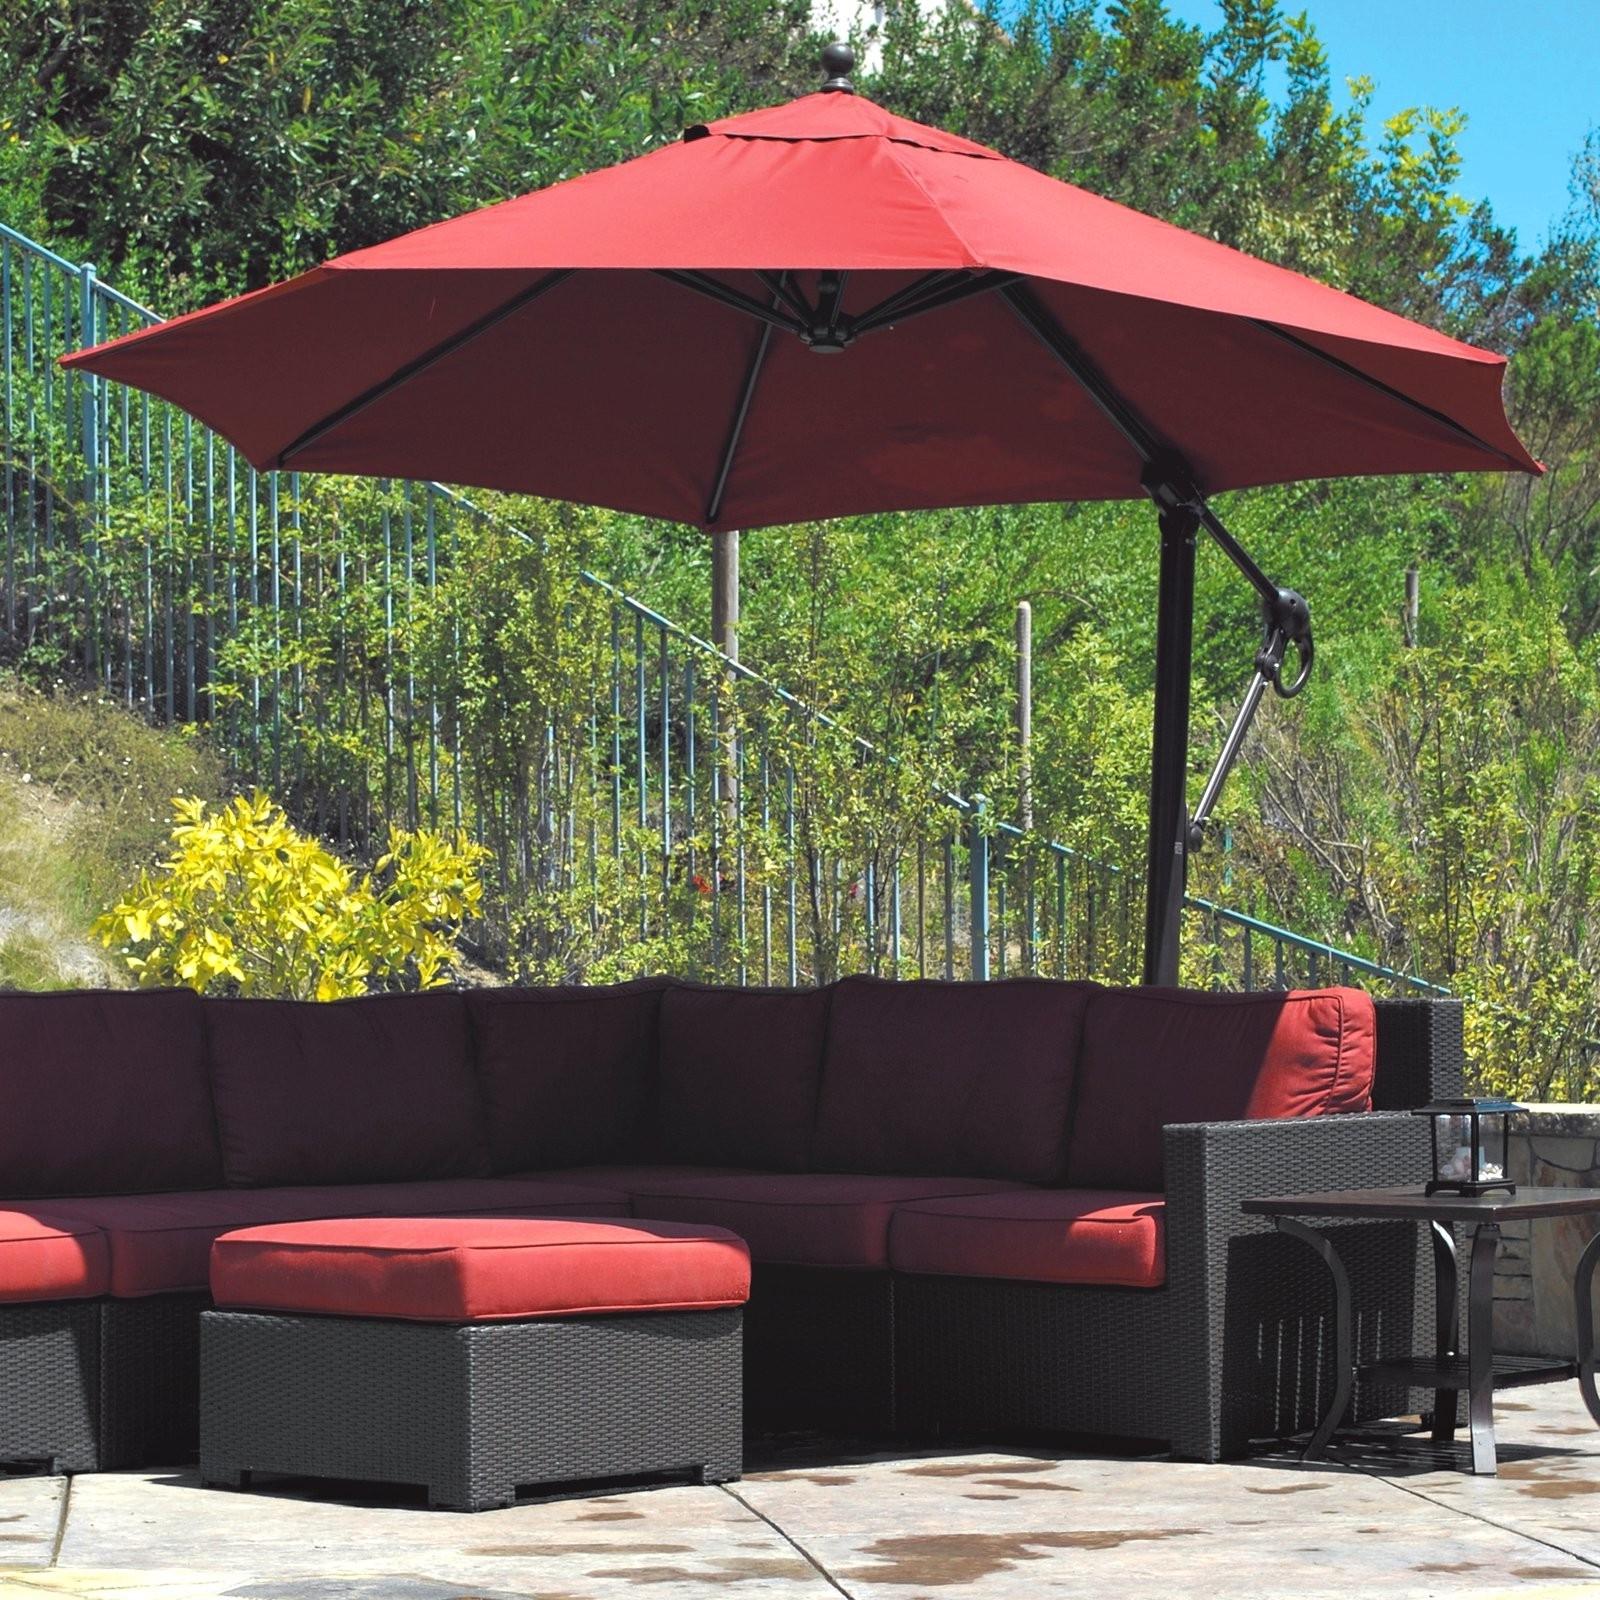 Latest Red Sunbrella Patio Umbrellas Pertaining To Sunbrella Patio Umbrella Lovely Outdoor Ft Patio Umbrella Outdoor (View 7 of 20)